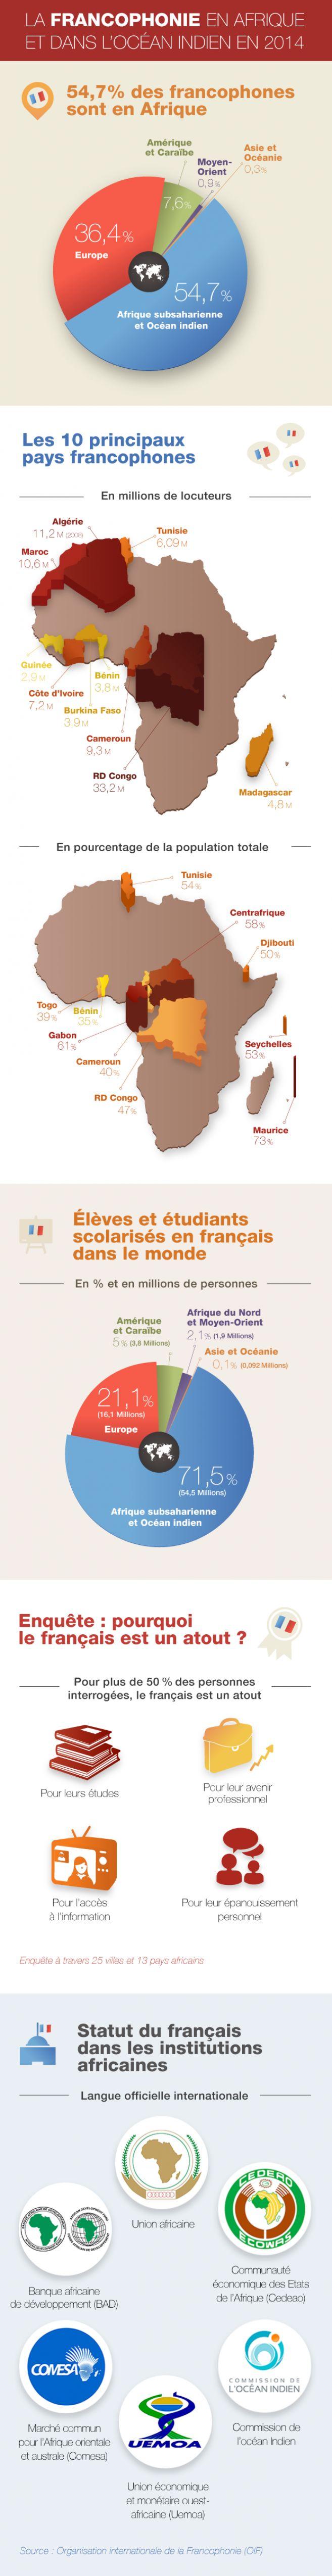 Infographie les chiffres de la francophonie en Afrique